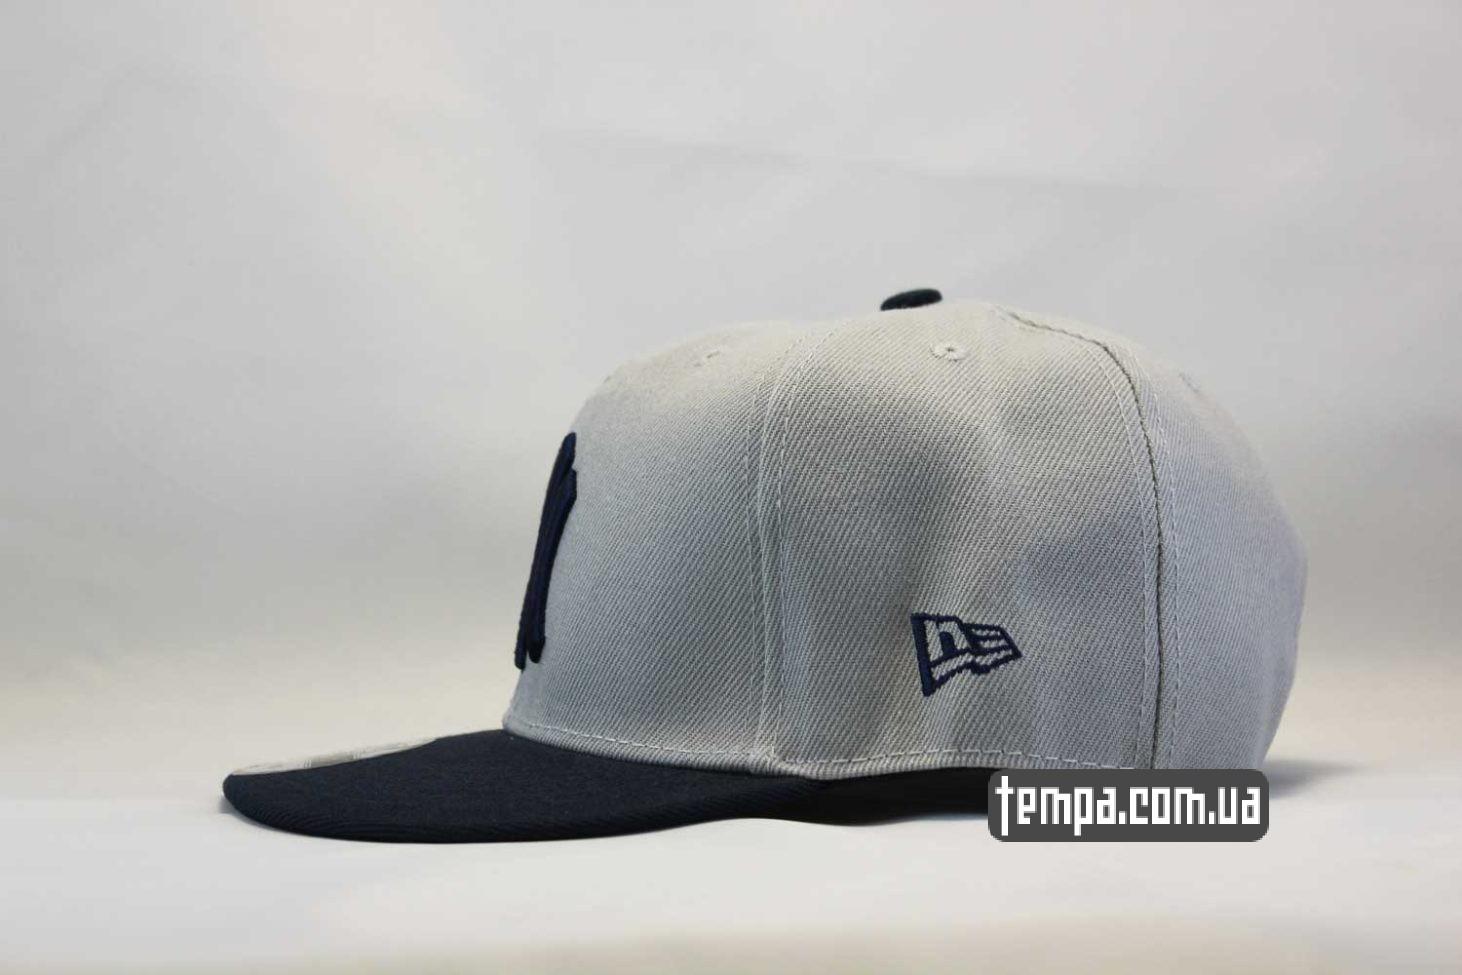 ровный прямой козырек кепка snapback Yankees New York NY New Era серая с синим логотипом